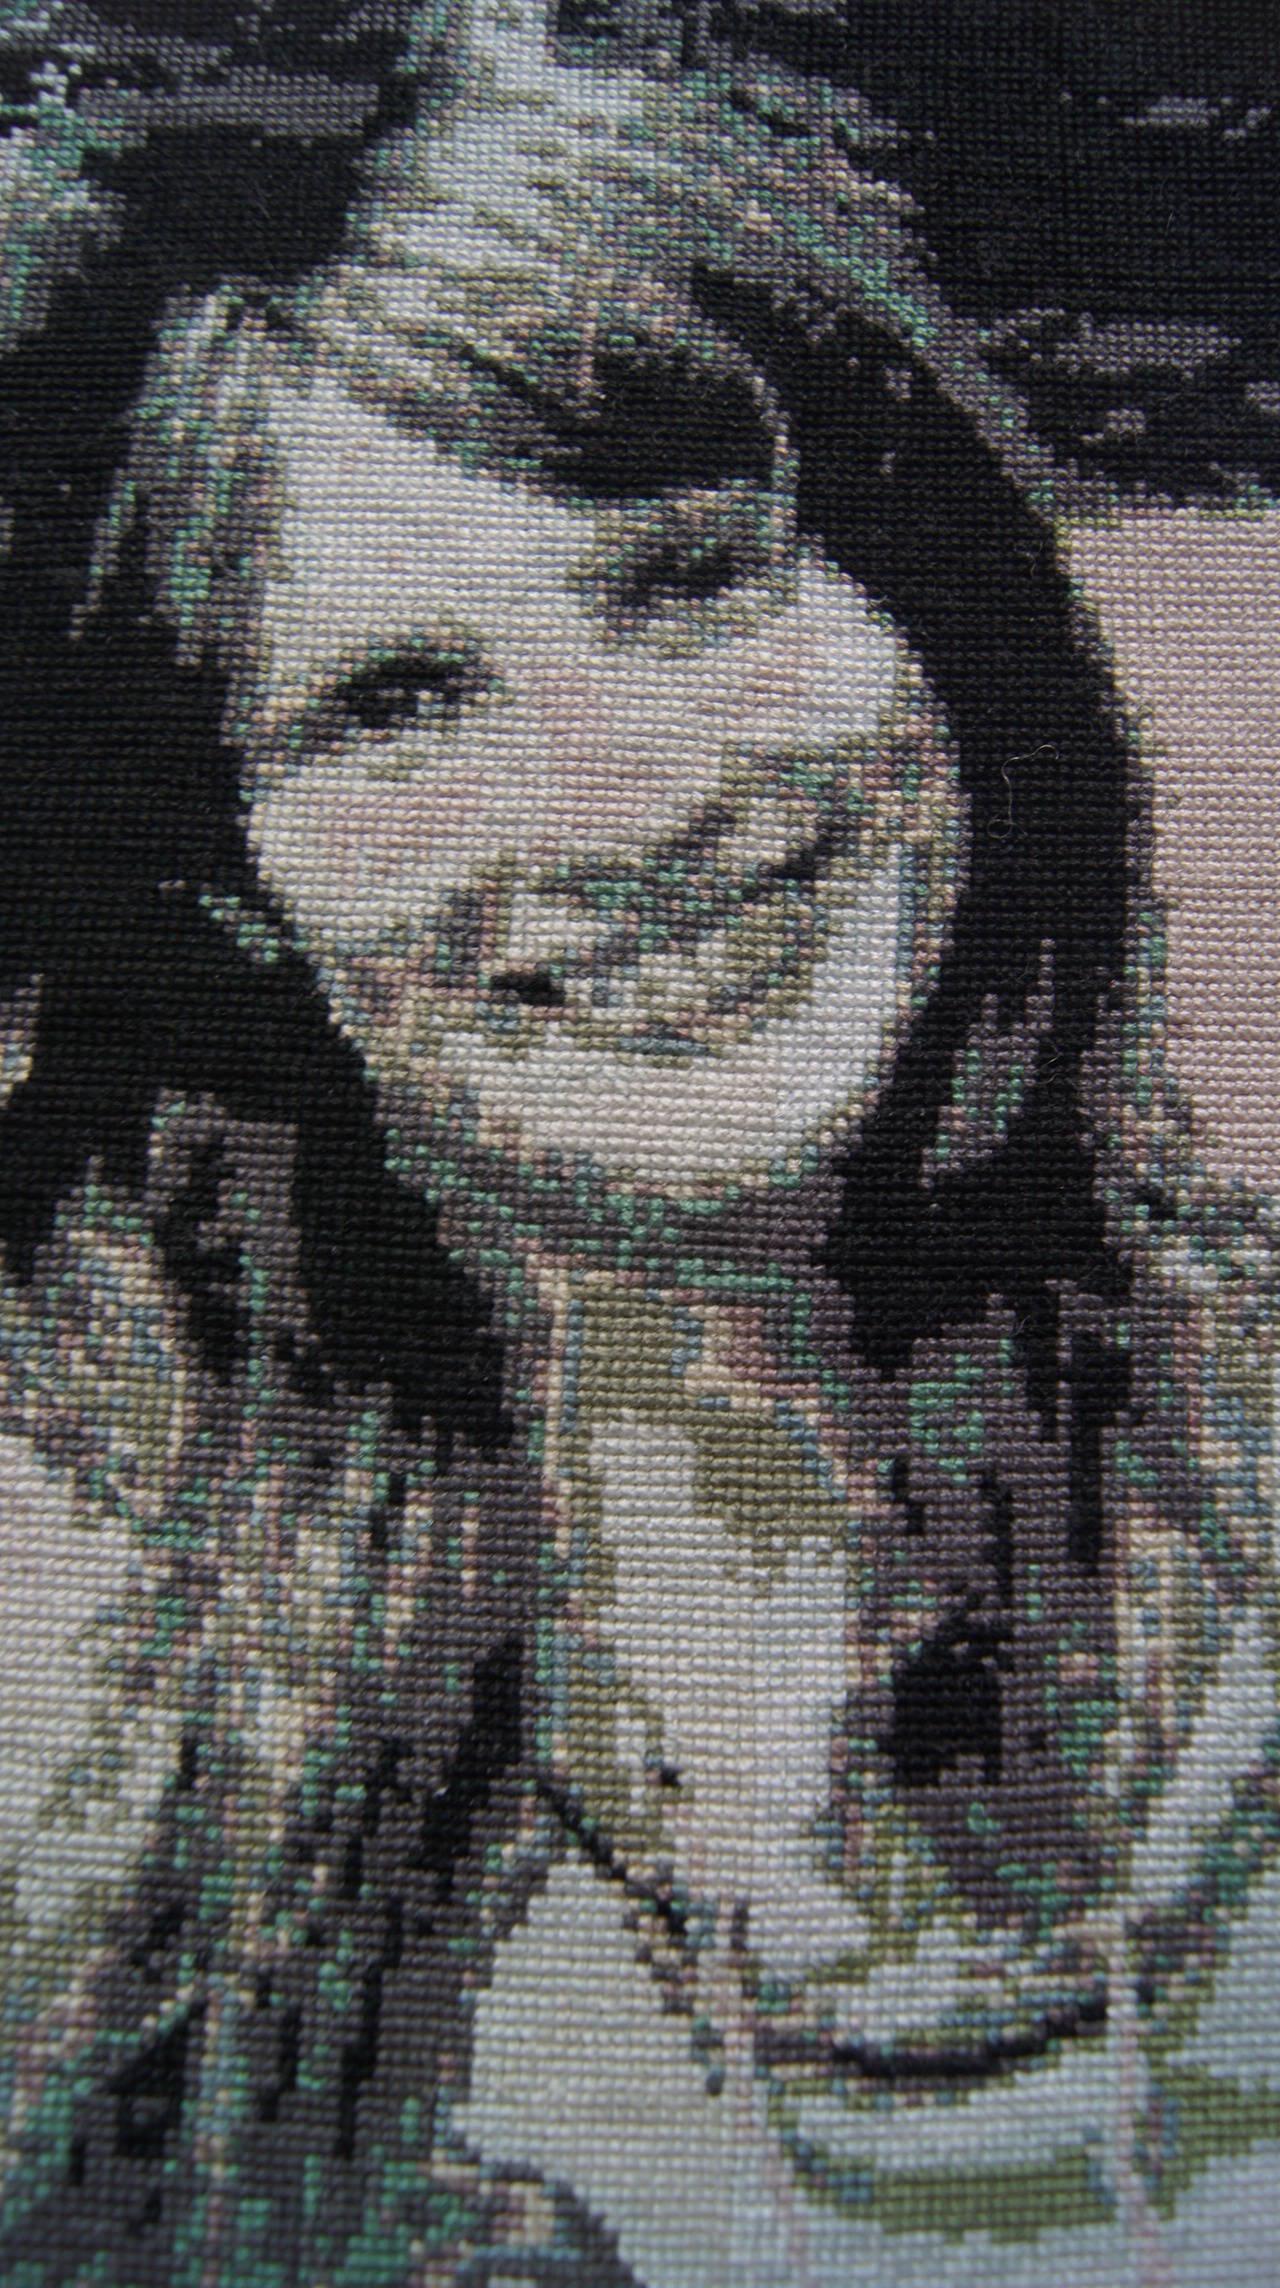 портрет в технике счетный крест